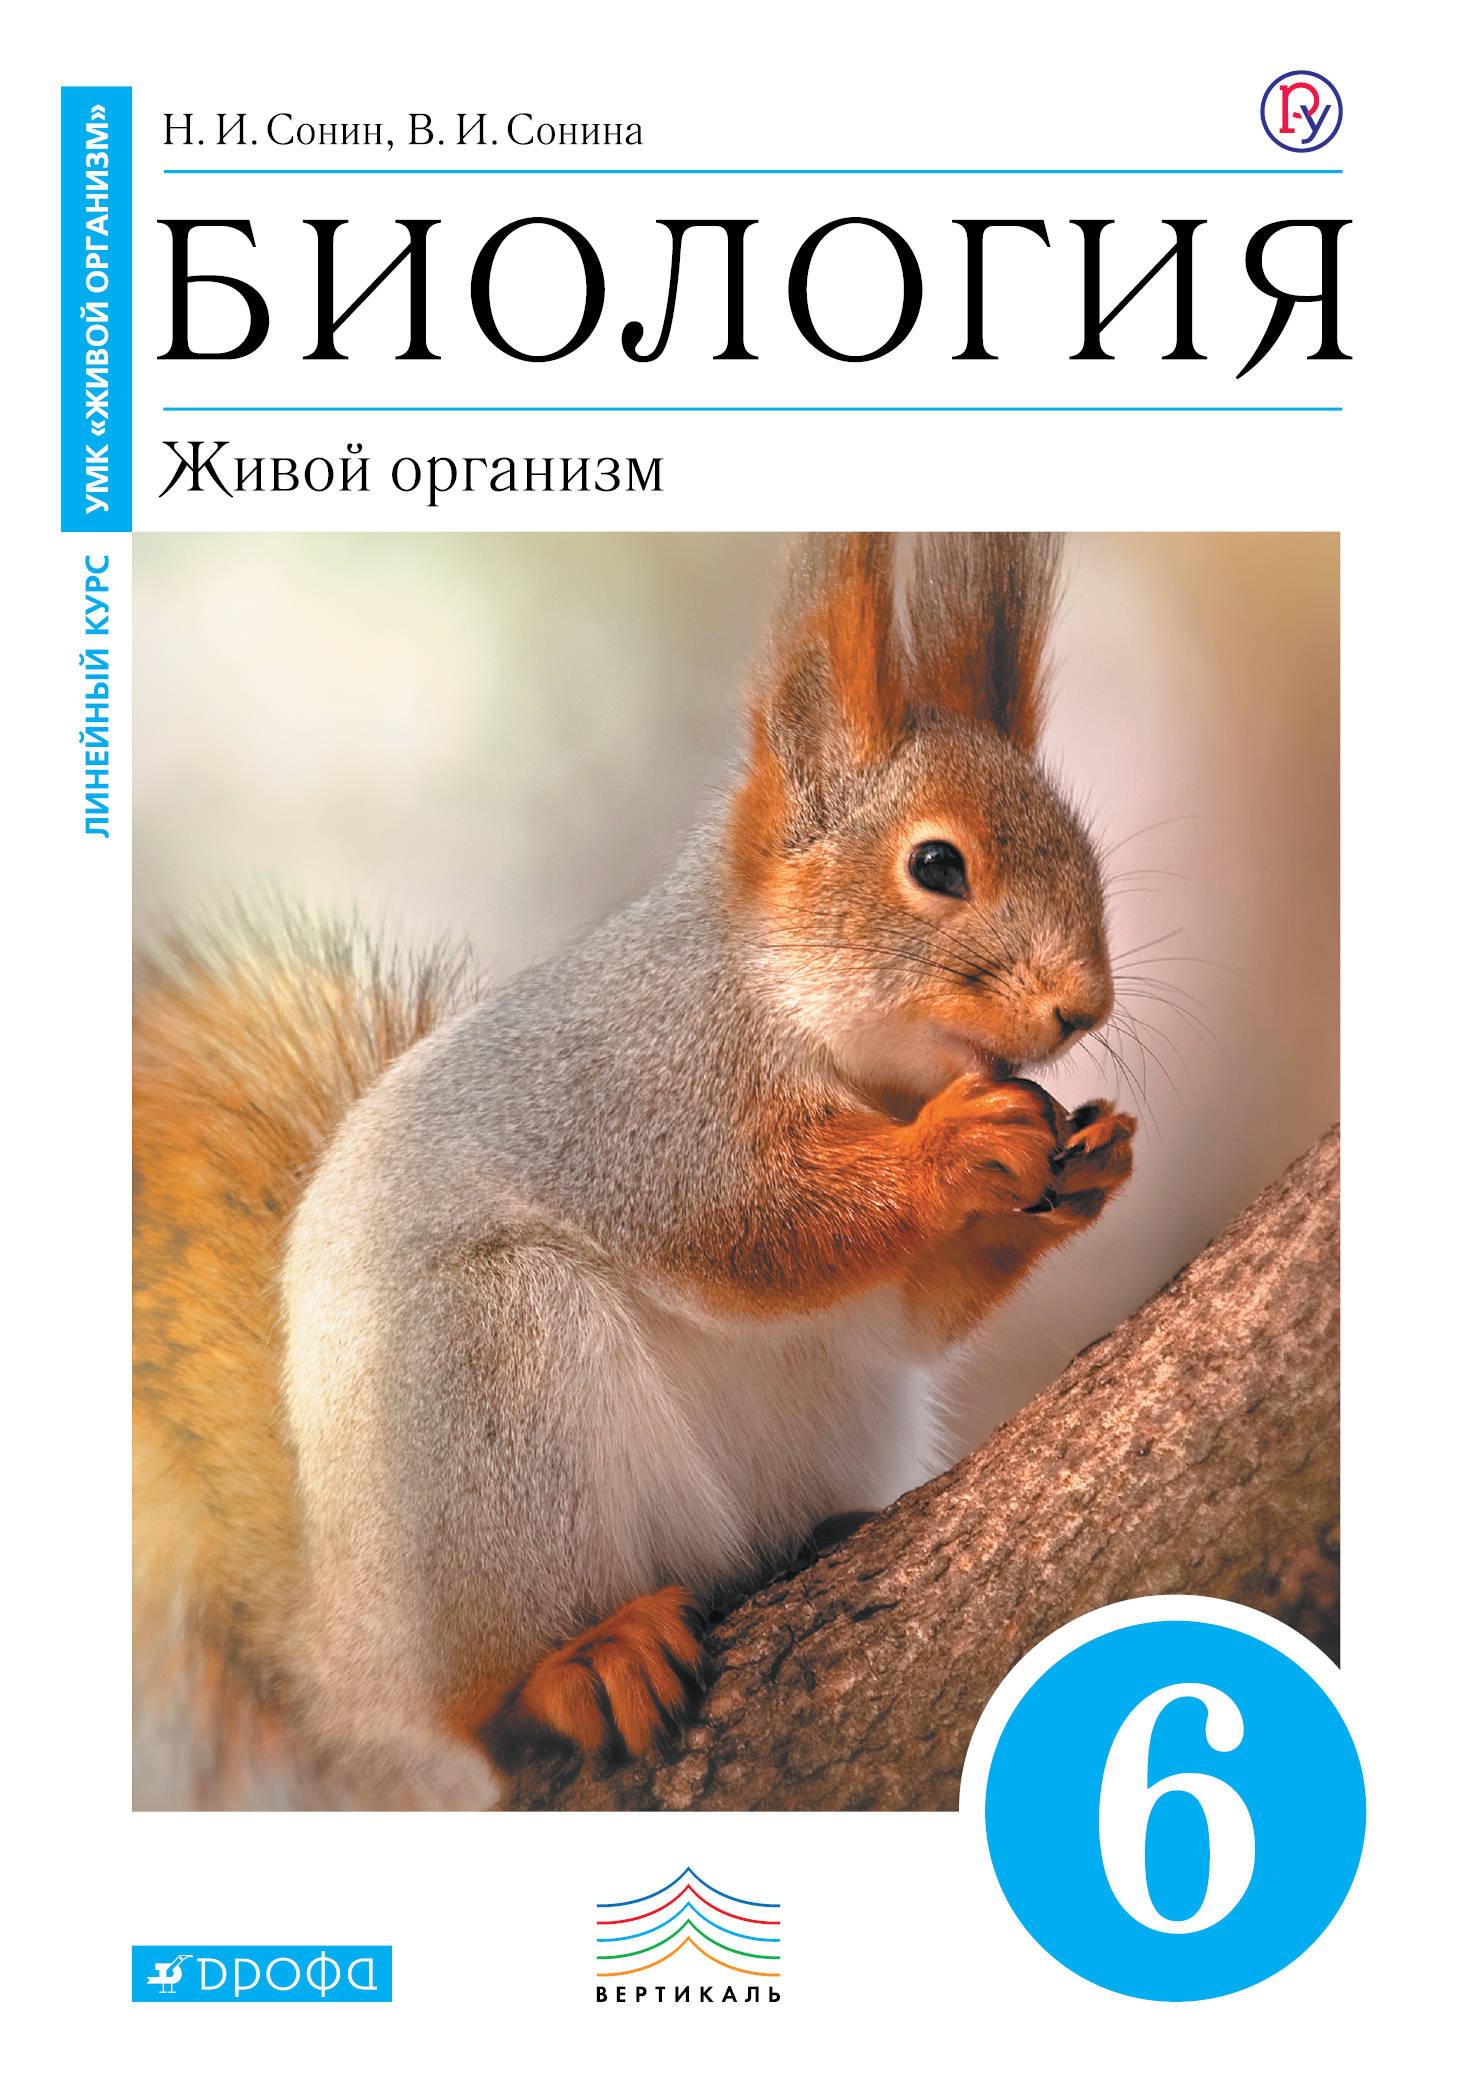 Биология. Живой организм. 6 класс. Учебник, Н. И. Сонин, В. И. Сонина